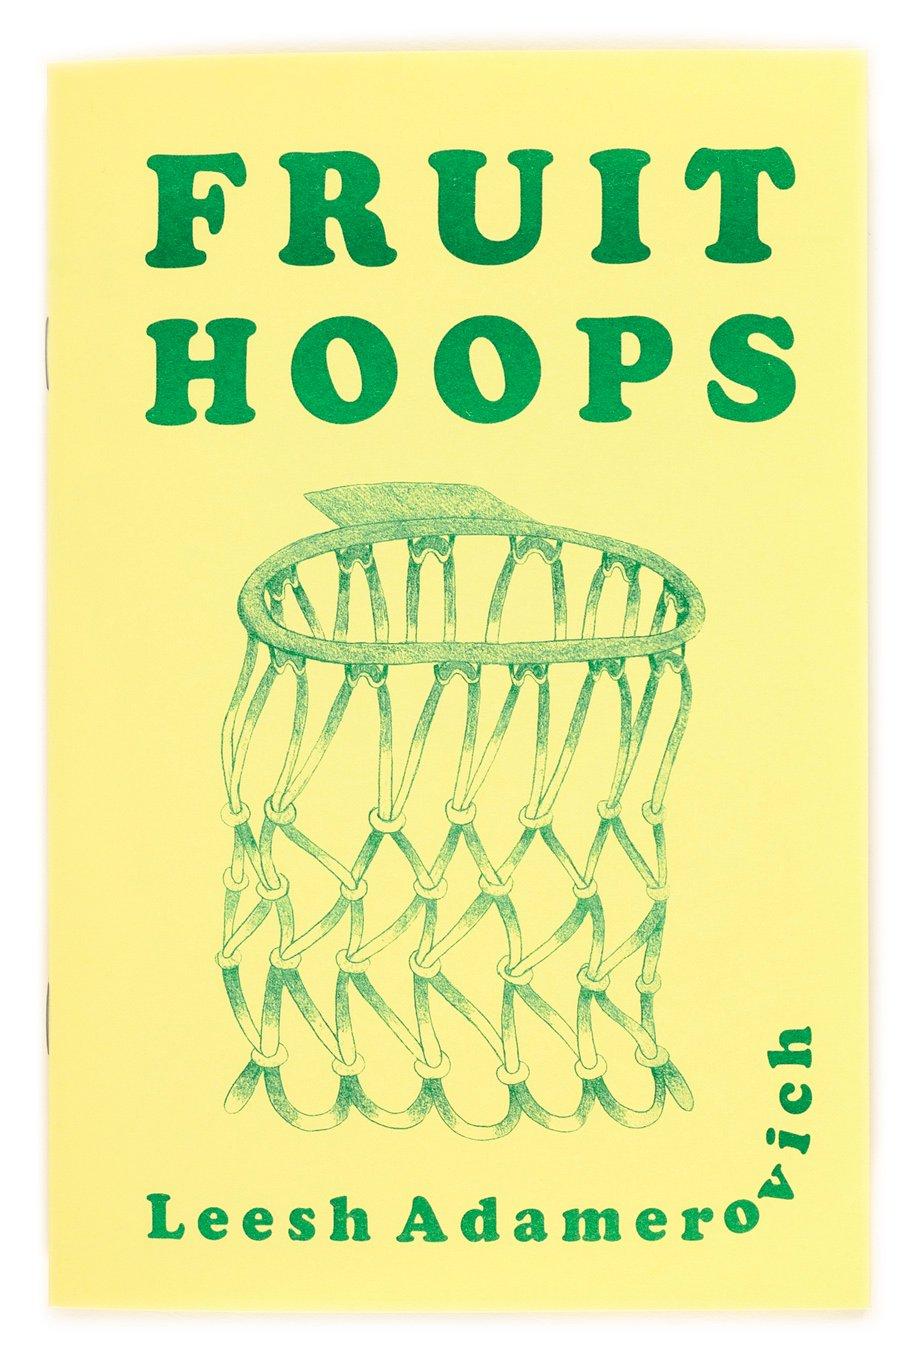 Image of Fruit Hoops by Leesh Adamerovich